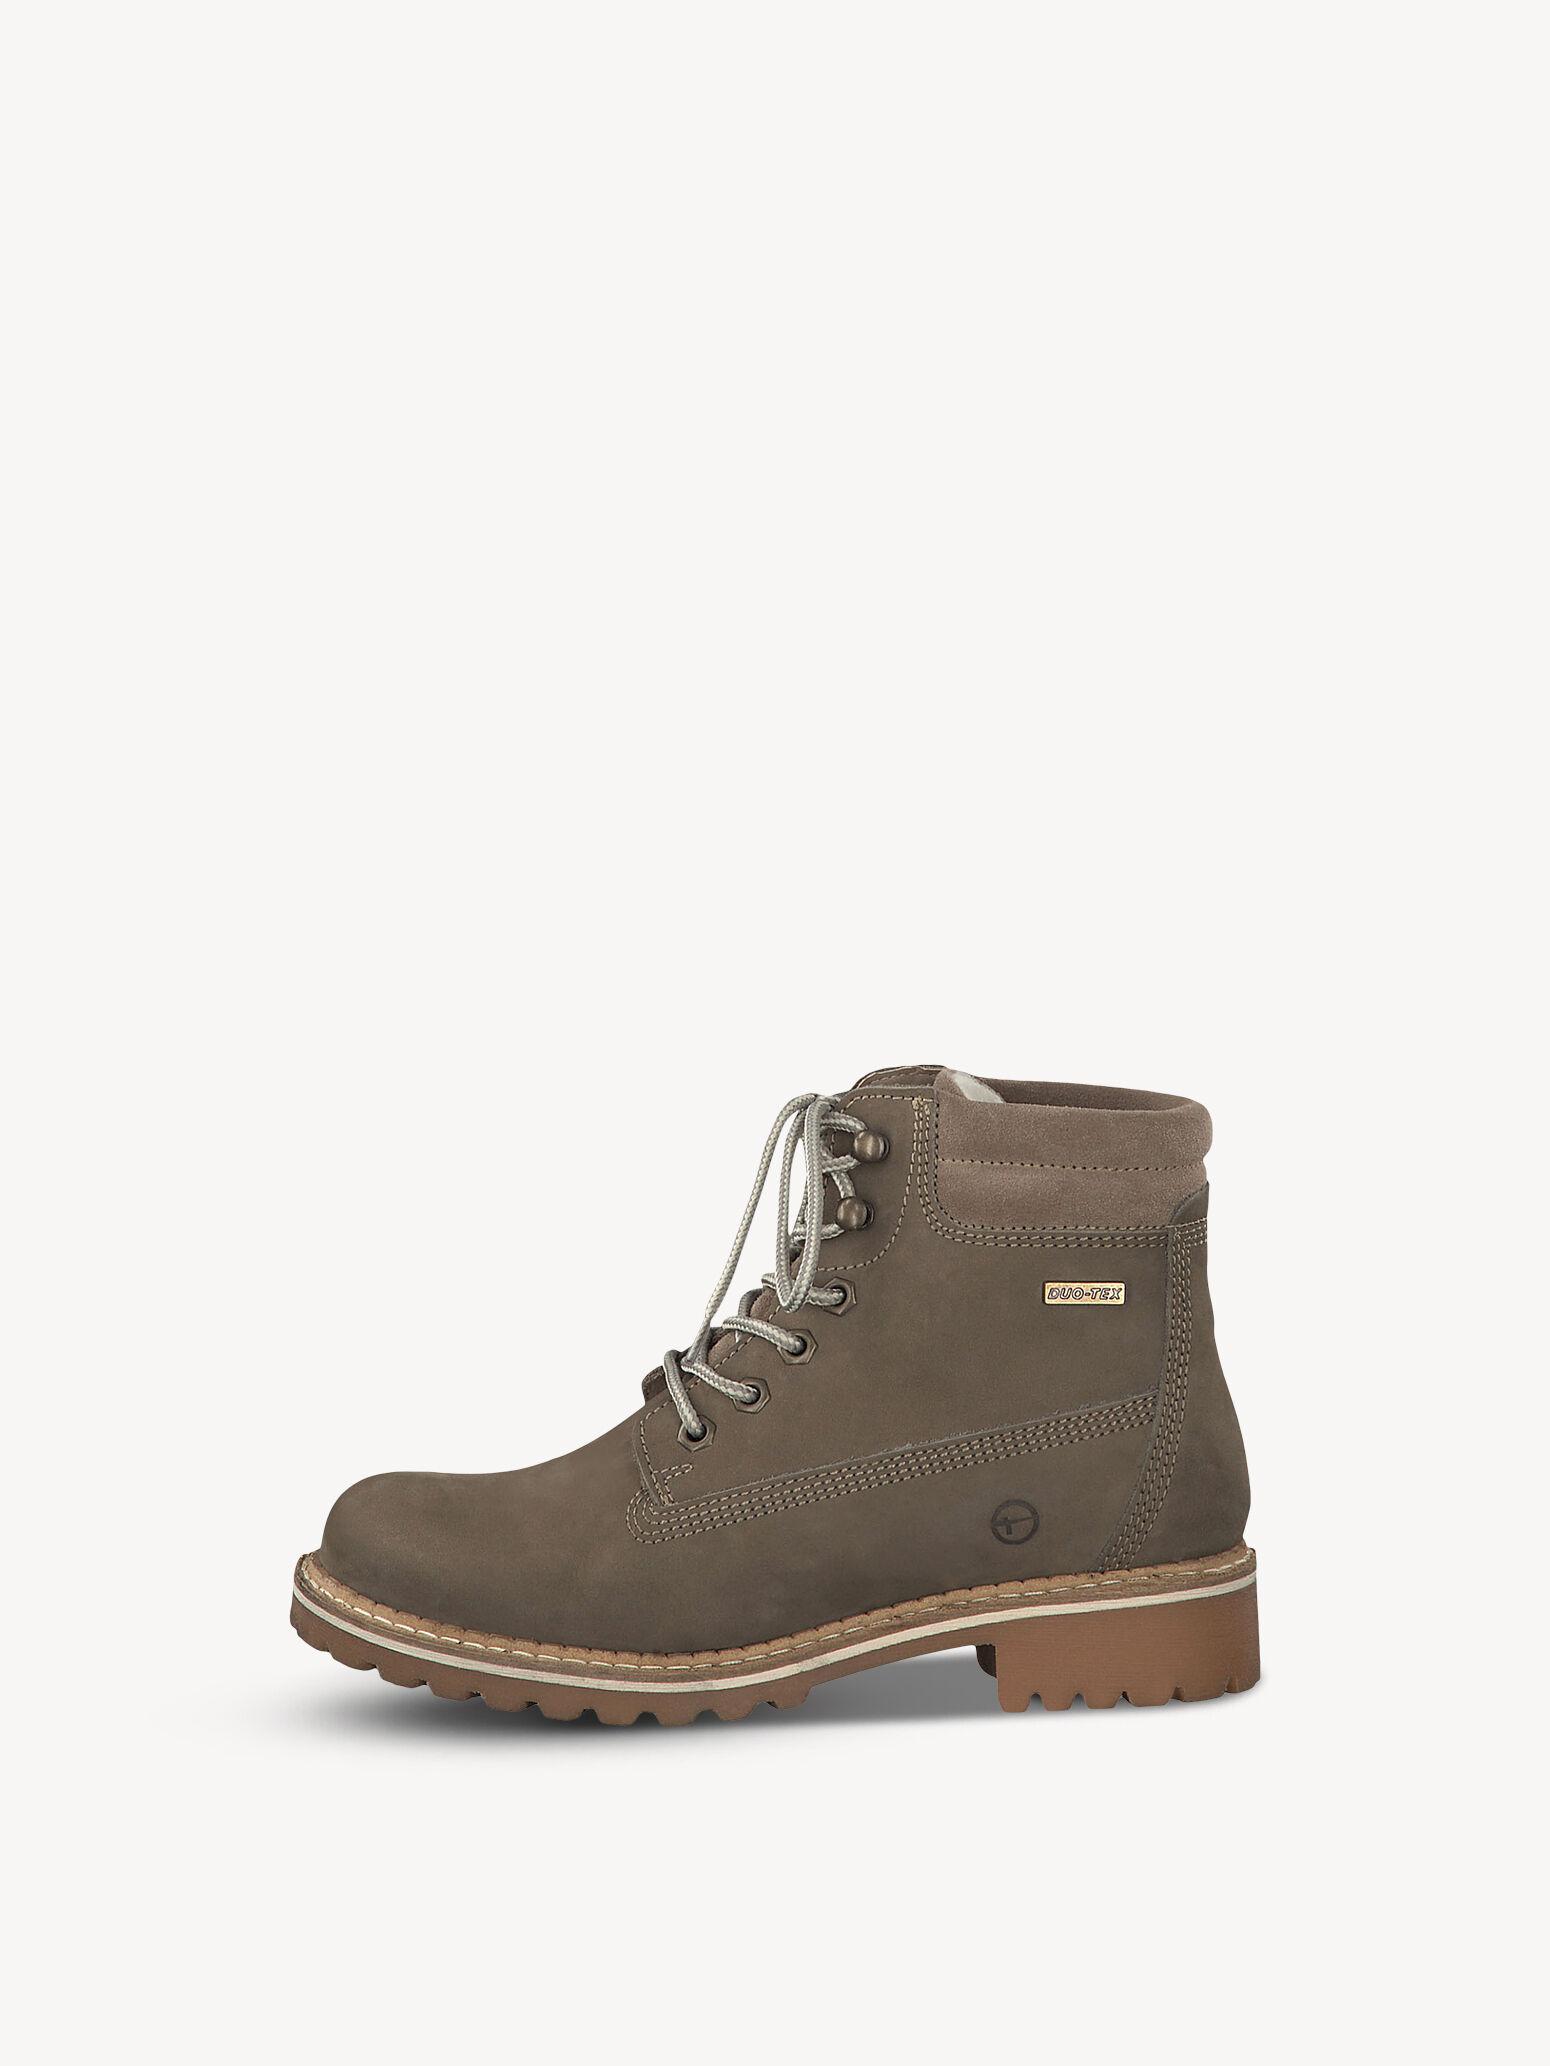 Kaufe Jetzt braune Tamaris Stiefel Schuhe